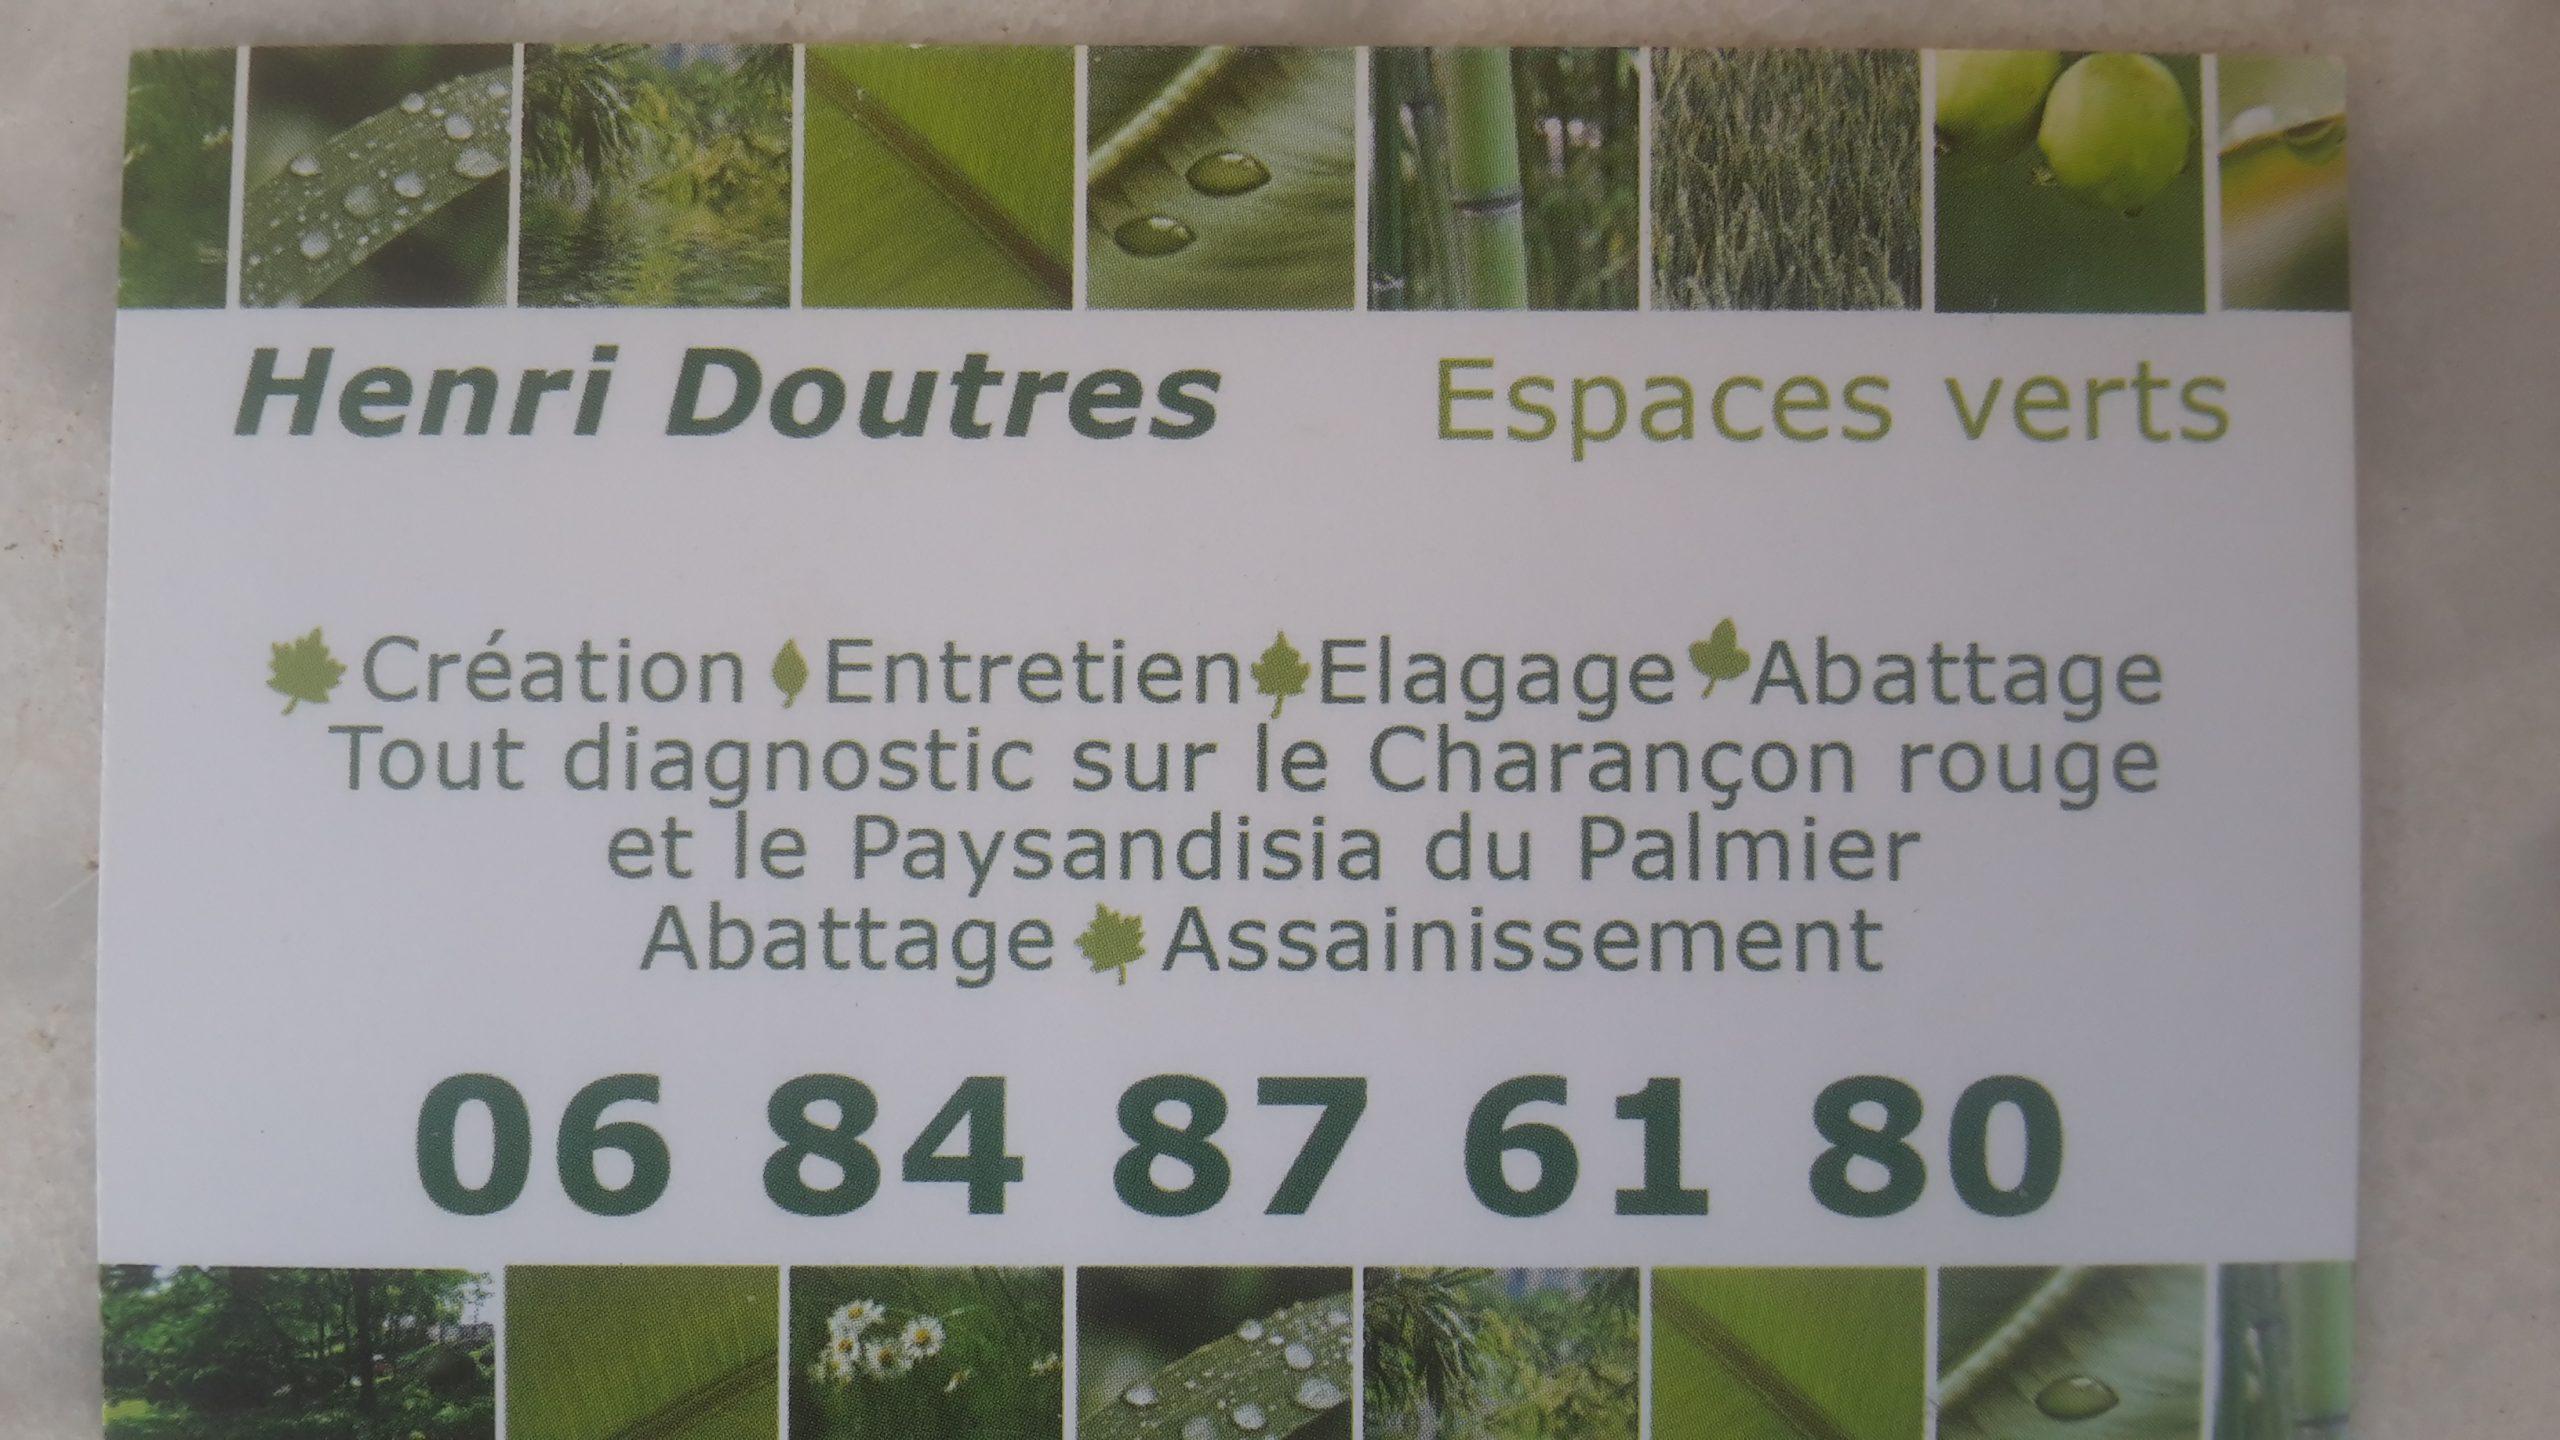 Henri Doutres Epaces Verts